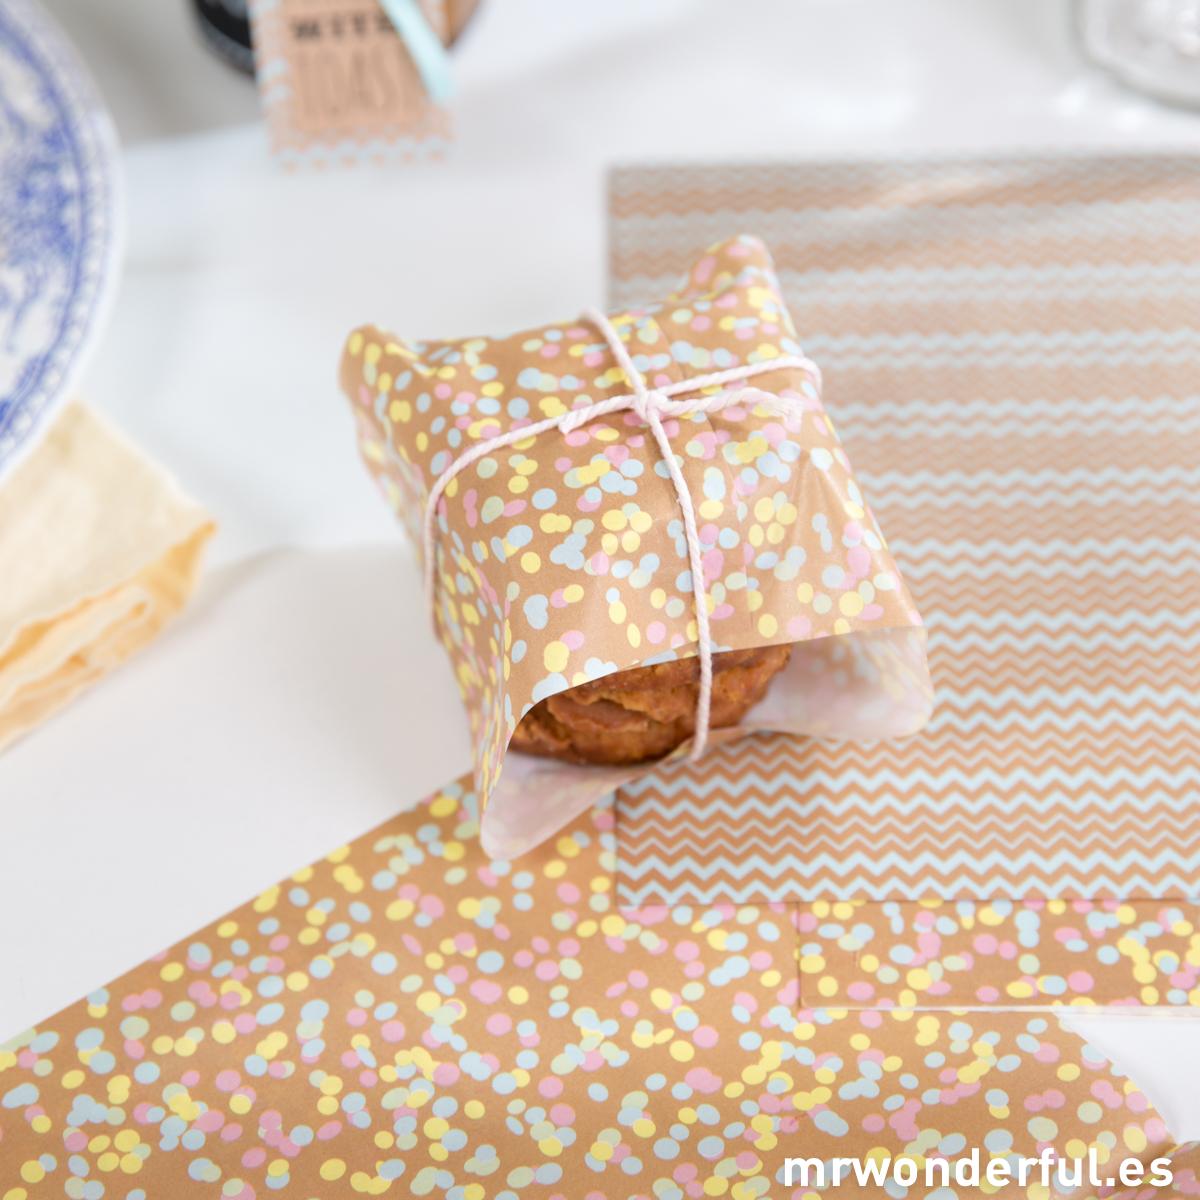 mrwonderful_BAKE-PPAPER_set-papeles-satinados-envolver-galletas-3